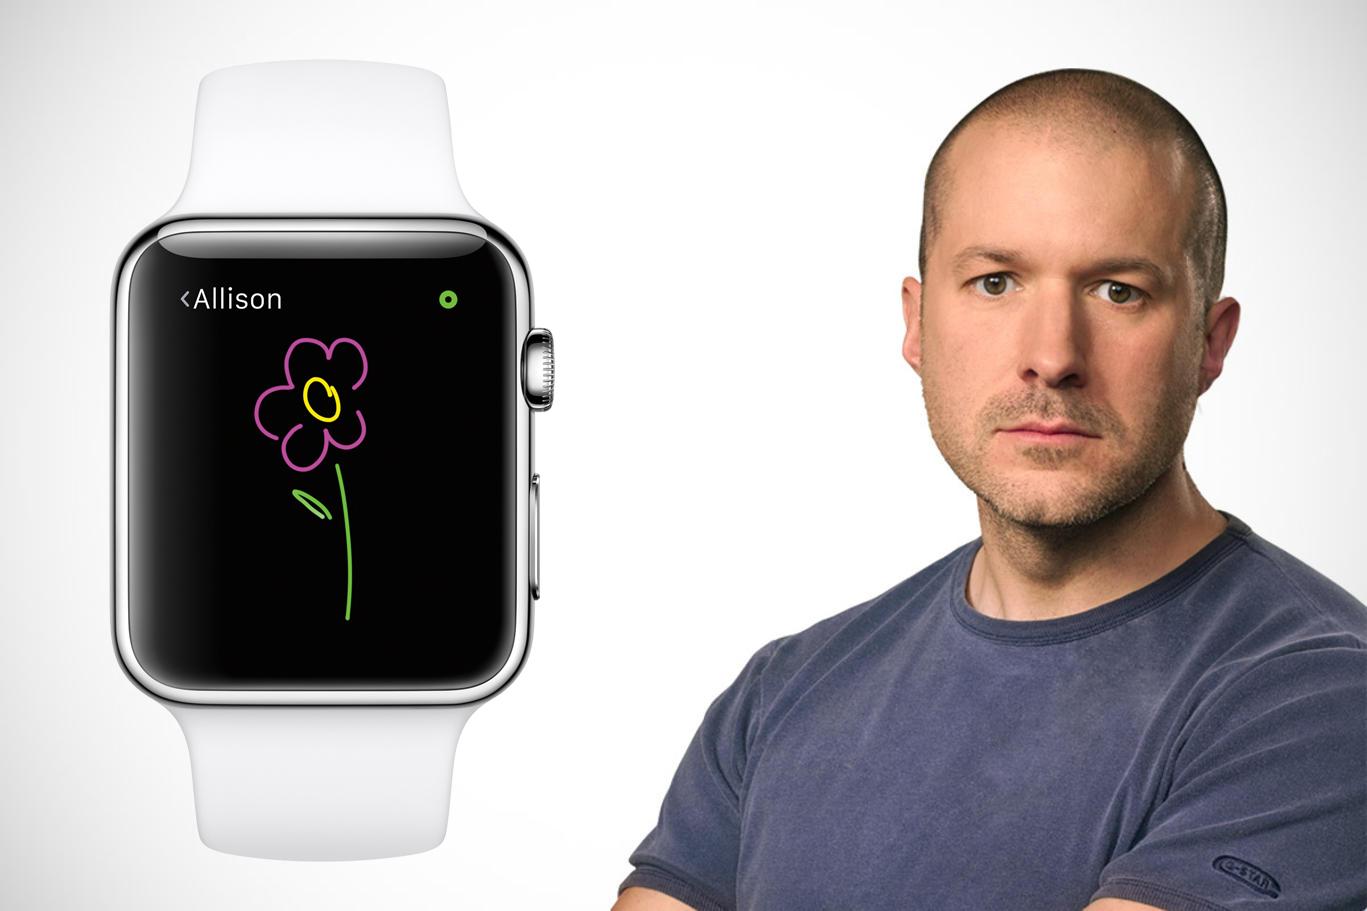 apple_watch_jony_ive